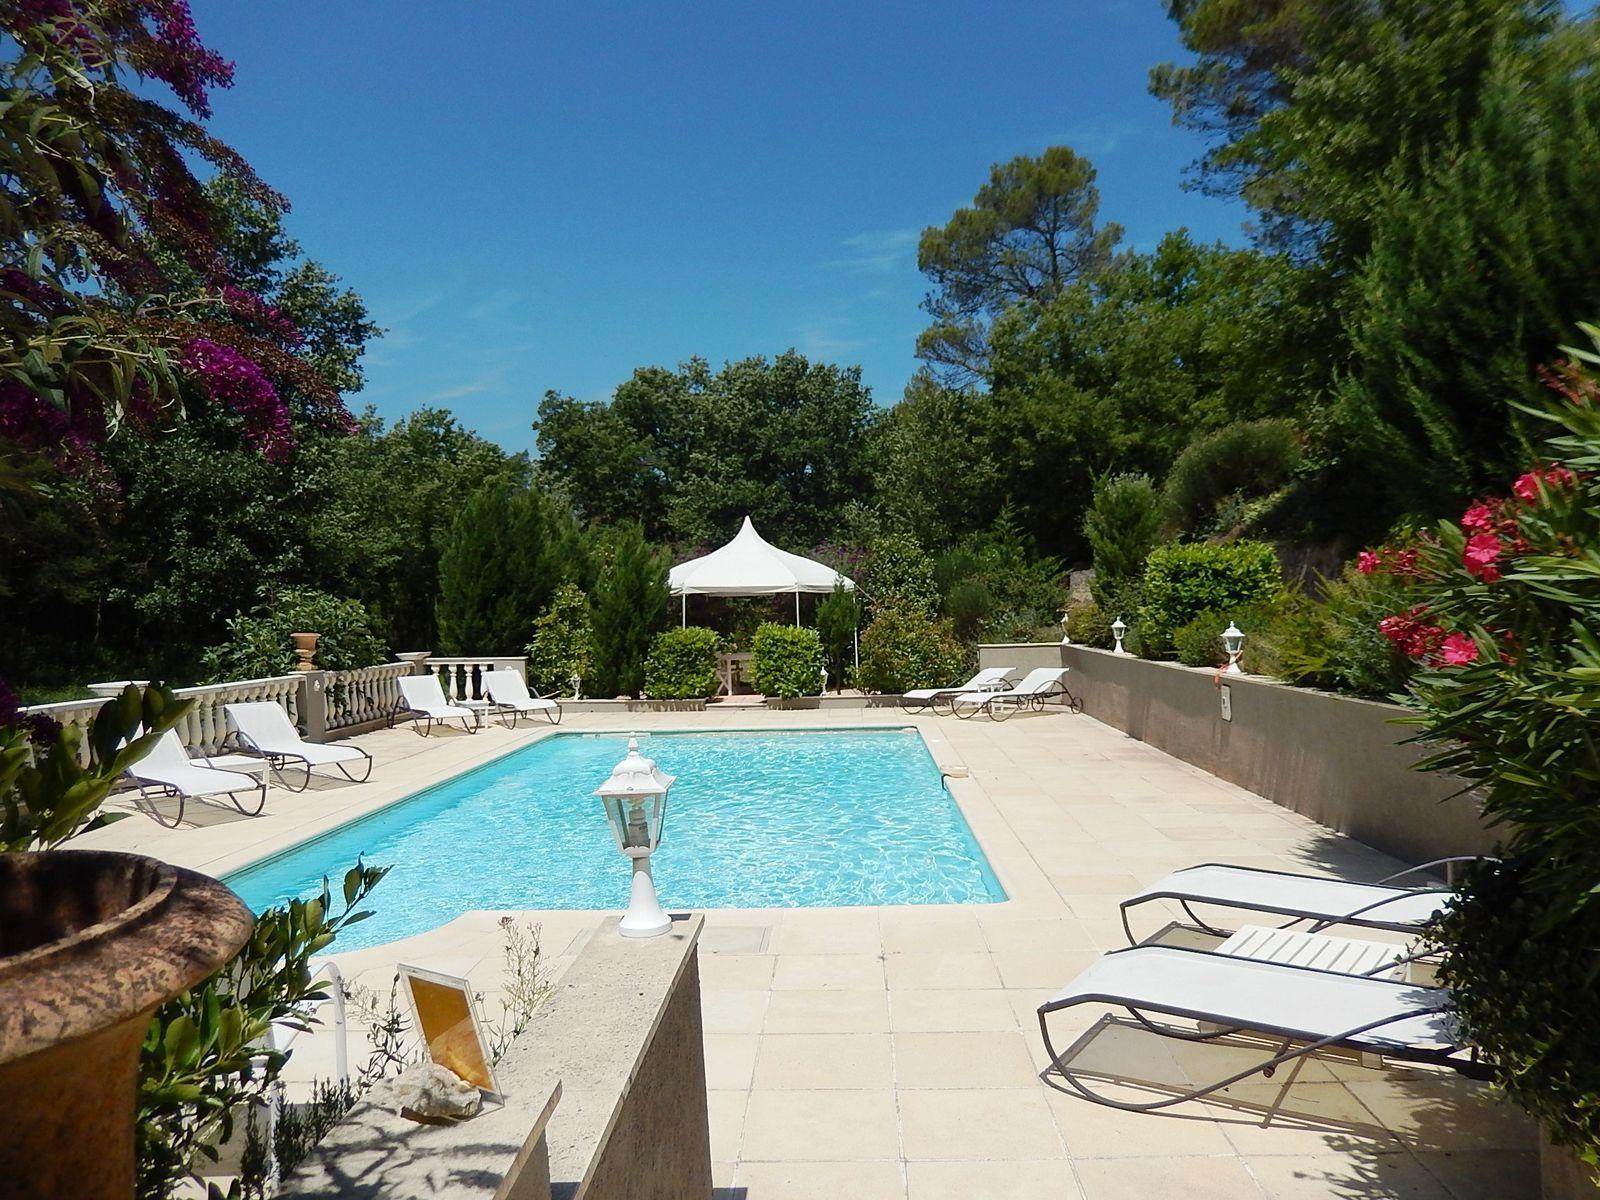 Villa du Jean - groot vakantiehuis met zwembad in Frankrijk